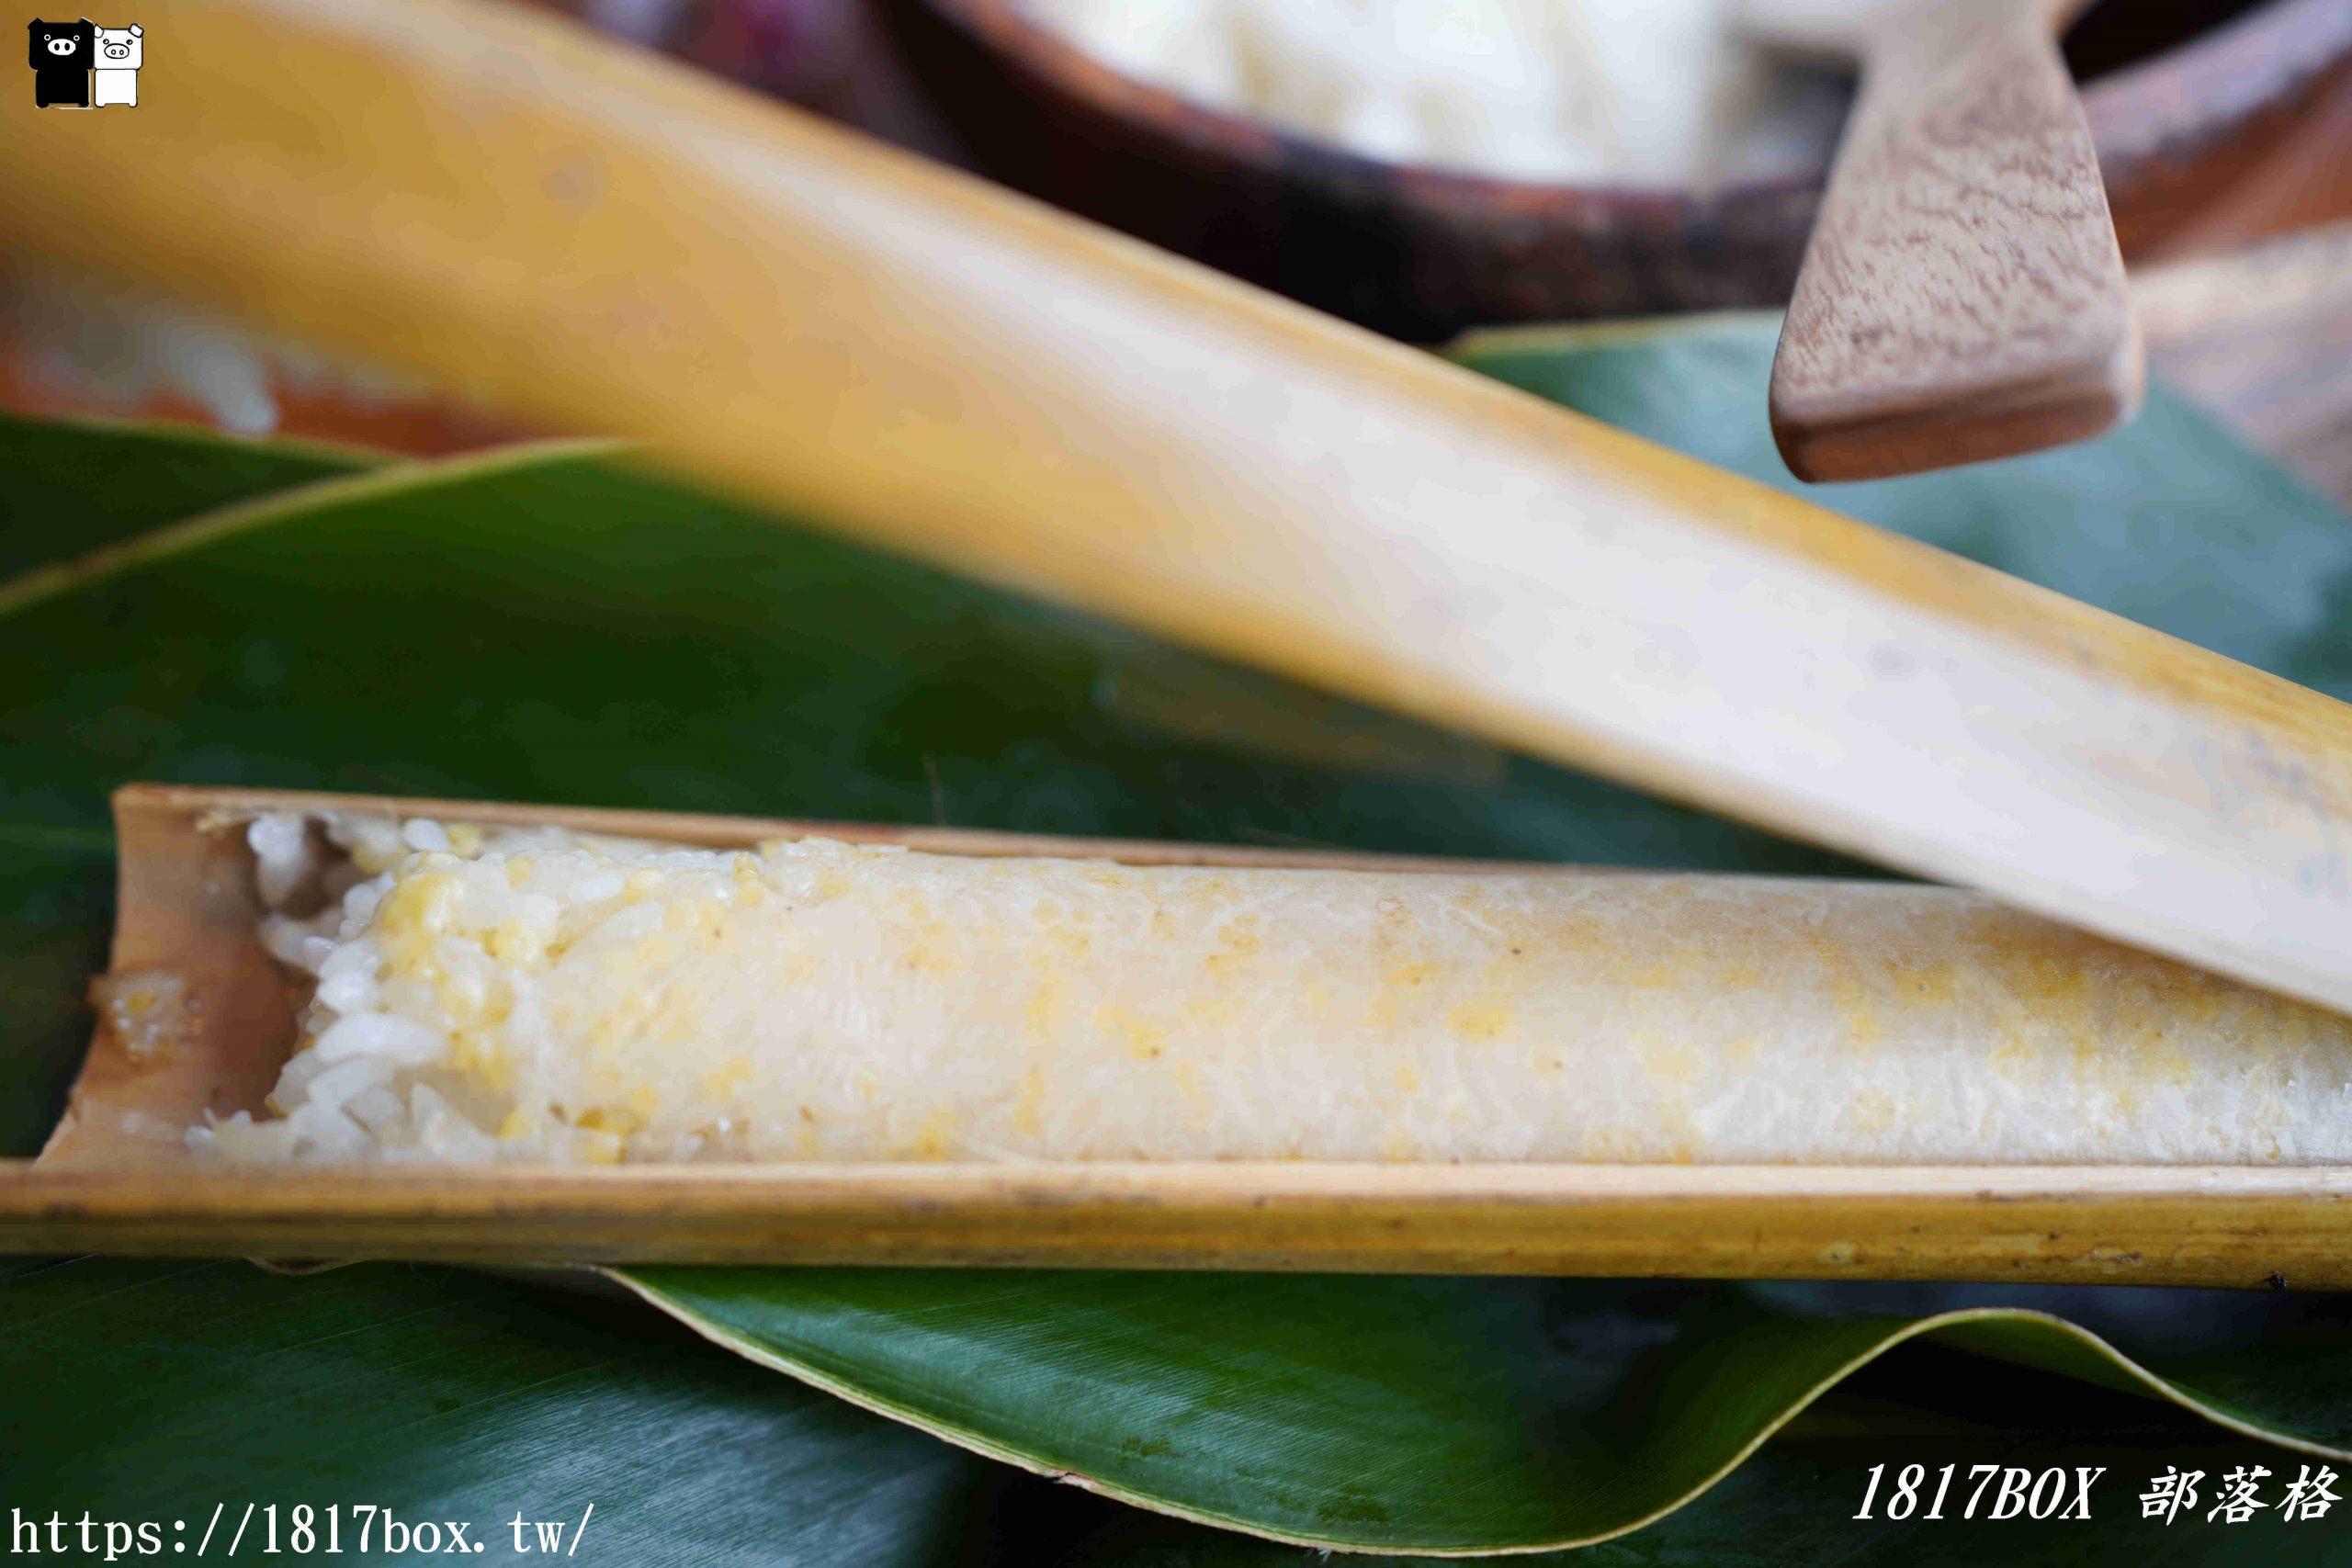 【嘉義。阿里山】游芭絲鄒宴餐廳-YUPASU Tsou Restaurant。採擷自然原始的食材。利用柴燻、涼拌、溫煨保留原味。鄒族風味餐 @1817BOX部落格